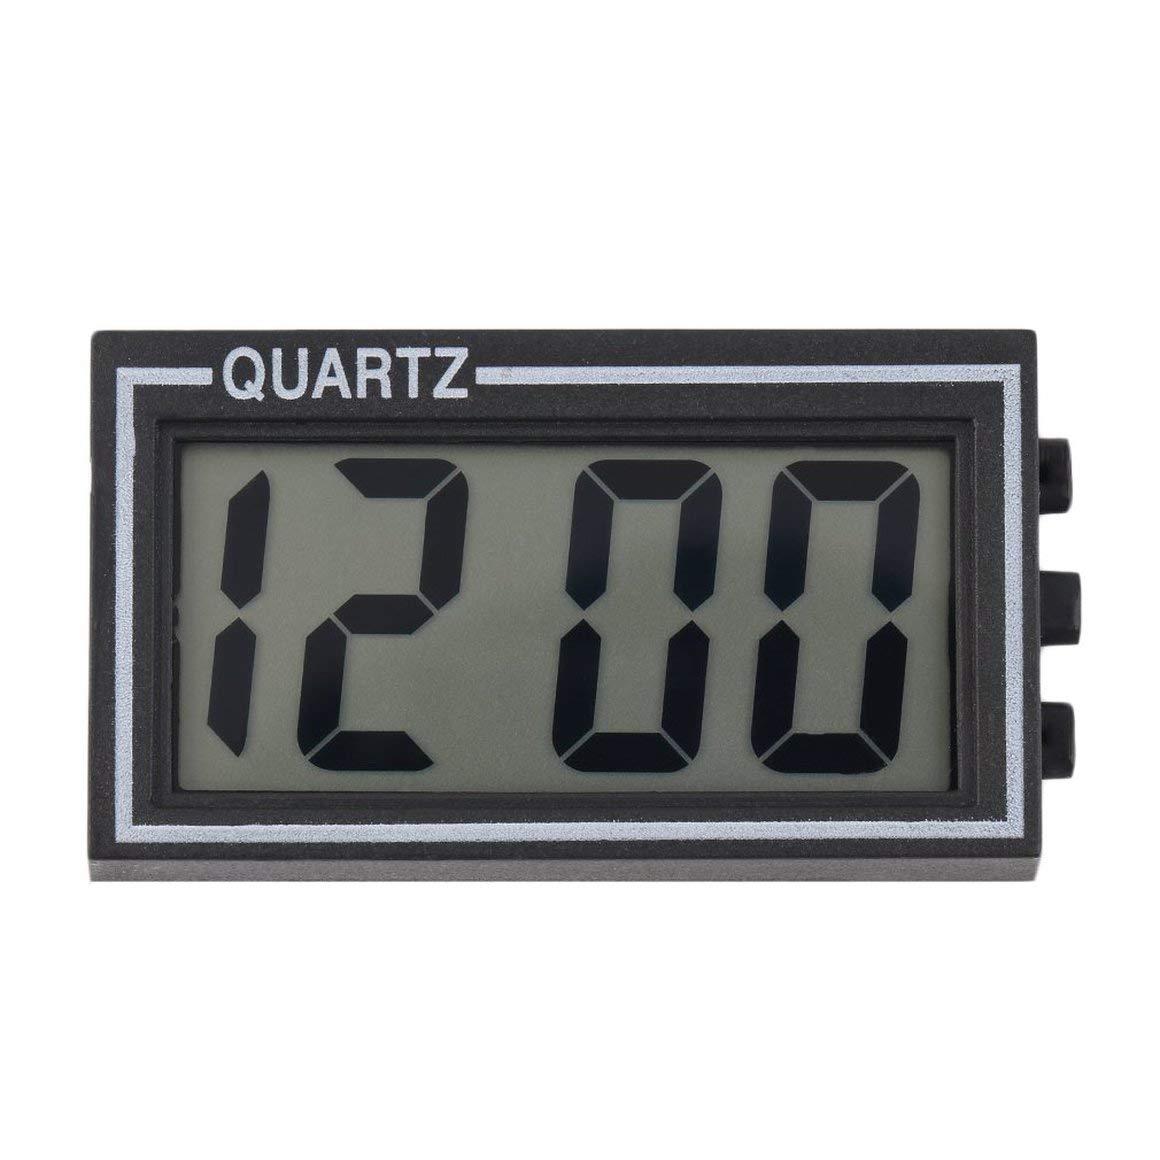 Funnyrunstore Noir En Plastique Petite Taille Num/érique LCD Table De Voiture Tableau De Bord Bureau Date Heure Calendrier Petite Horloge Avec Fonction Du Calendrier TS-CD92